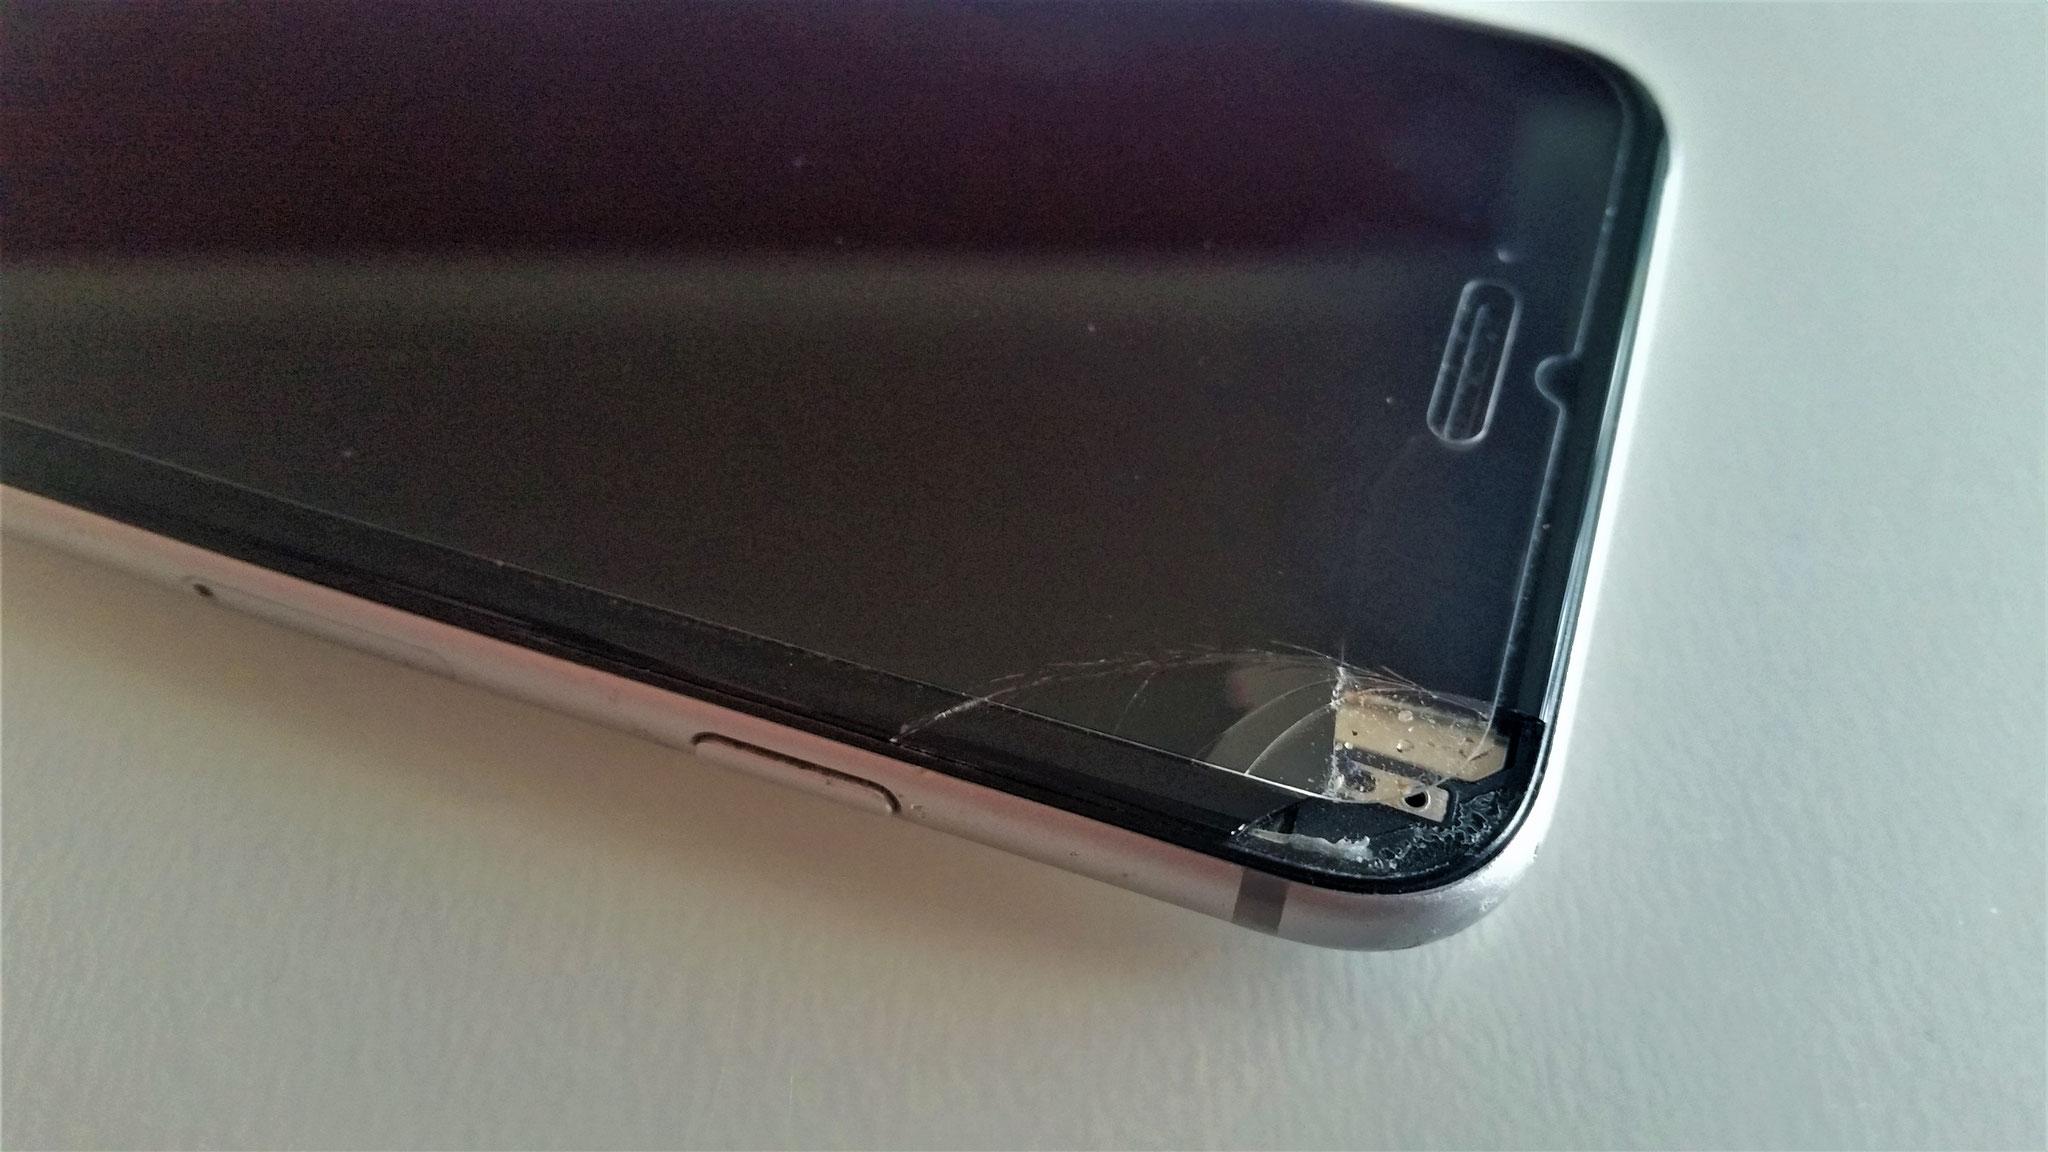 Handy iPhone Reparatur in Jena (Wir beheben Displayschäden, Flüssigkeitsschäden, Akku Austausch etc. schnell und unkompliziert)